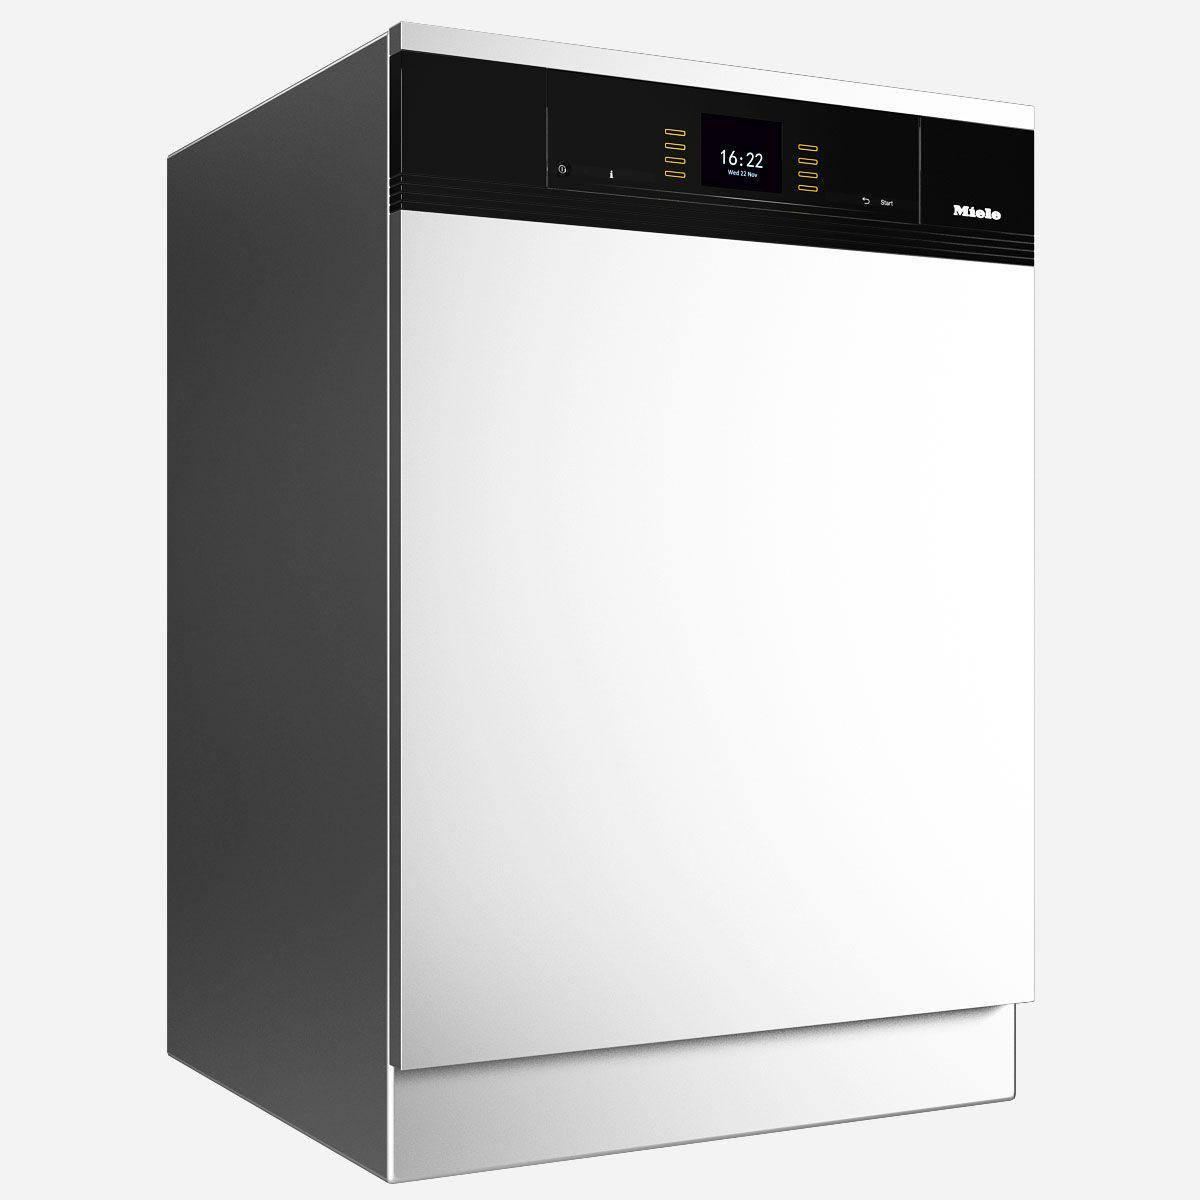 Miele G 6900 Sci Dishwasher Miele Laminators Locker Storage